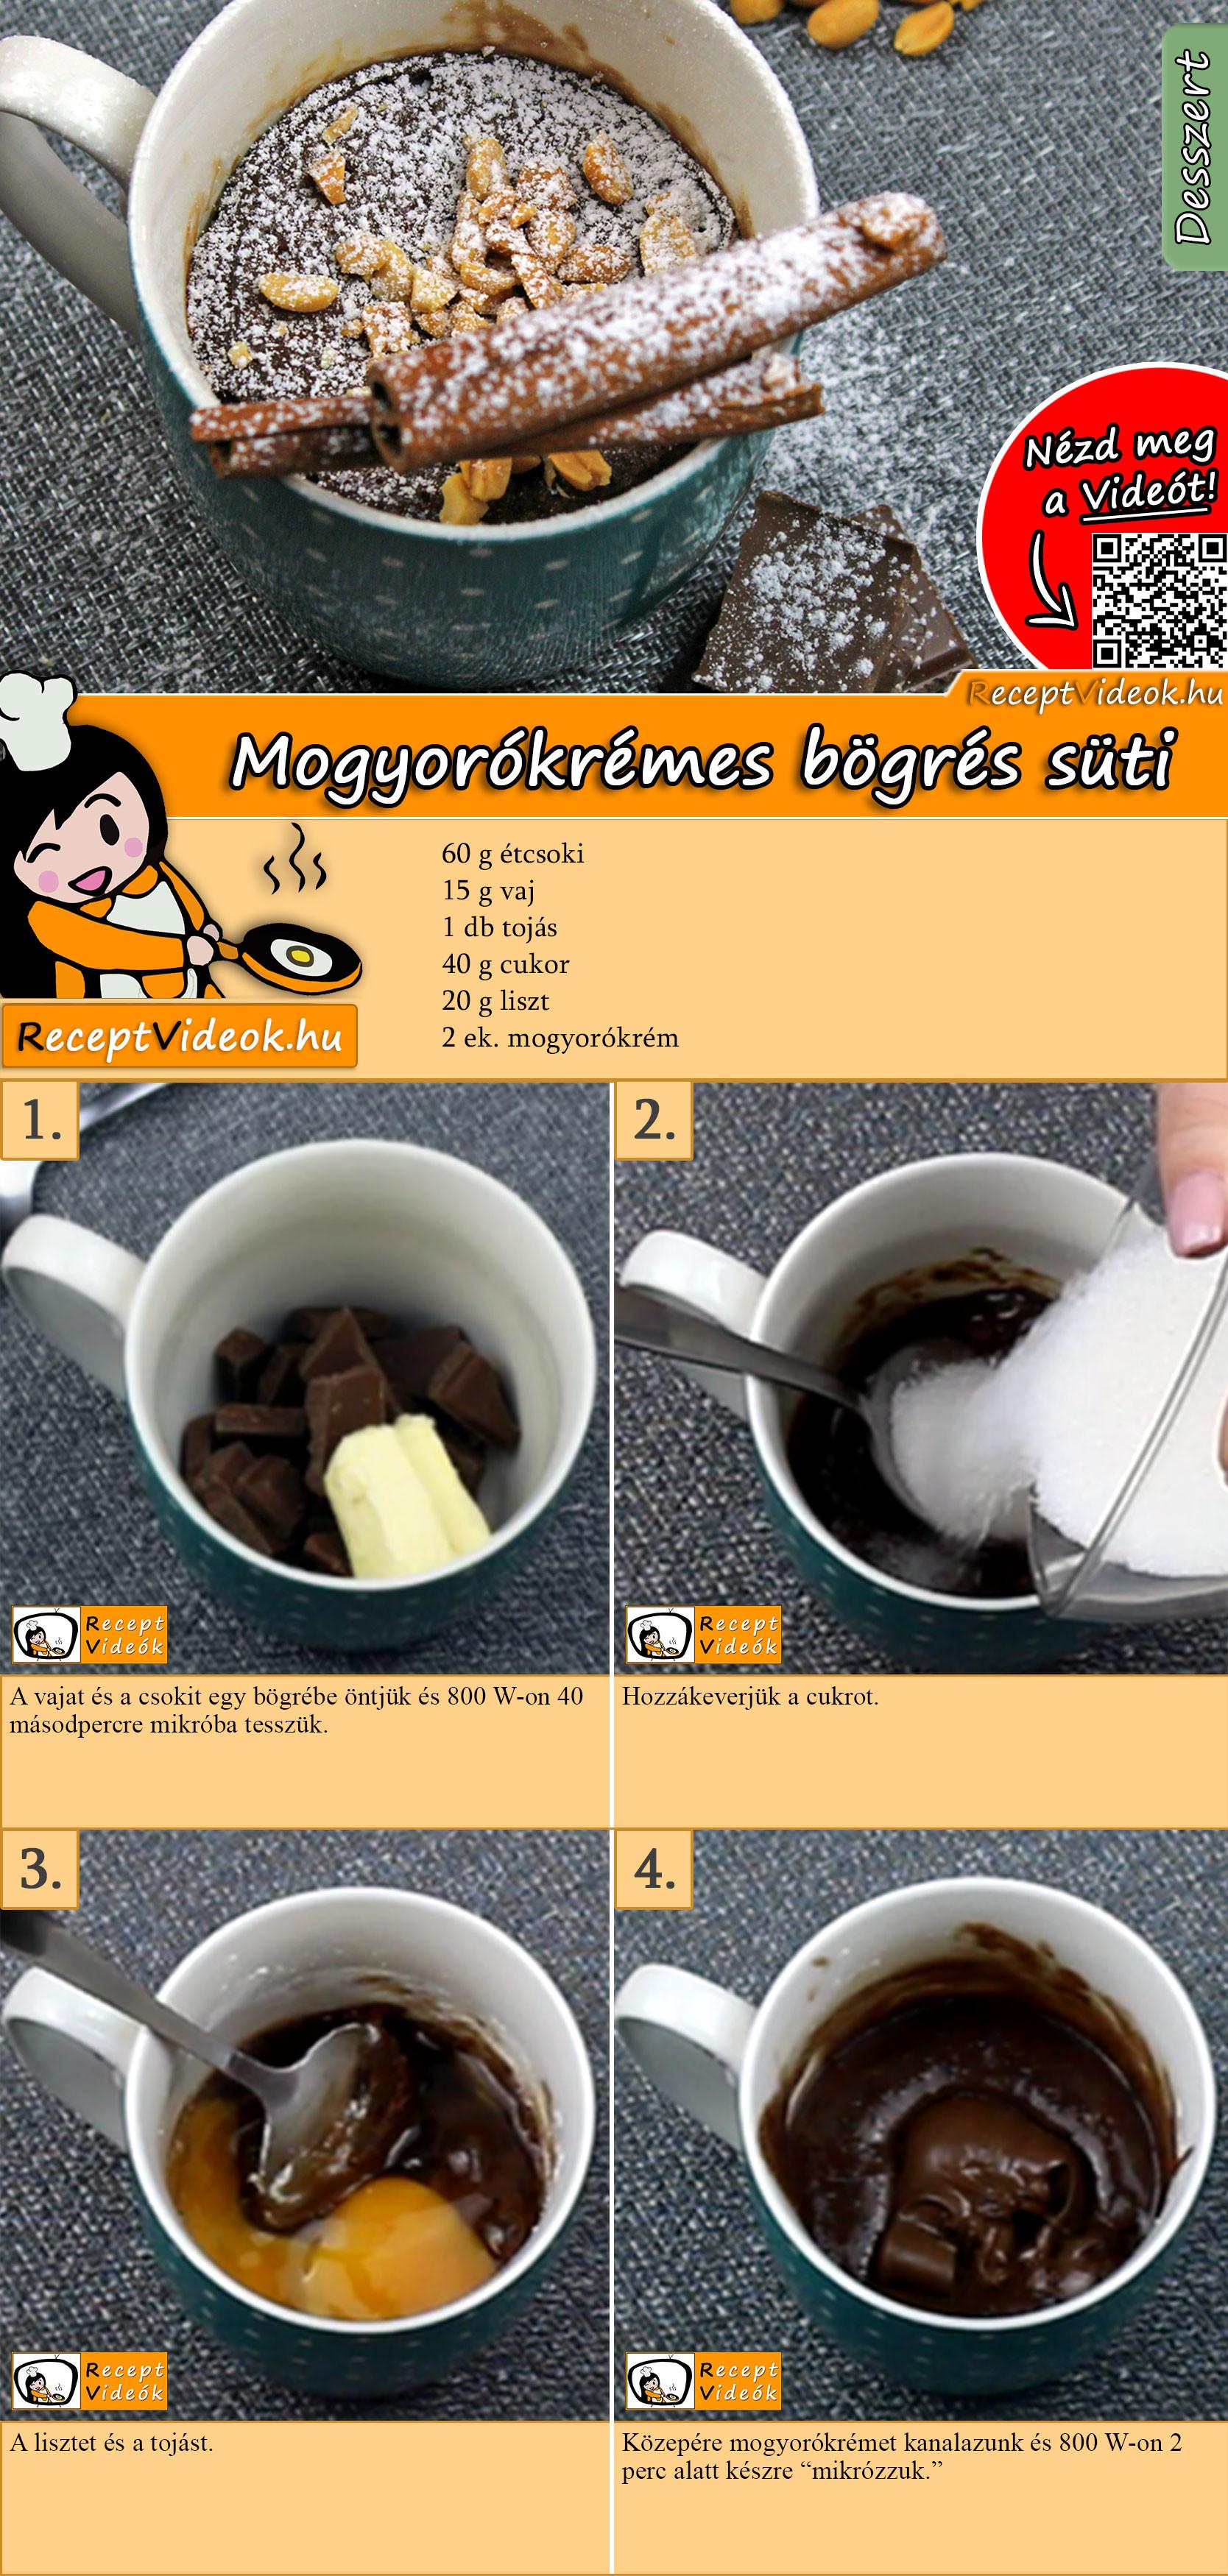 Mogyorókrémes bögrés süti recept elkészítése videóval